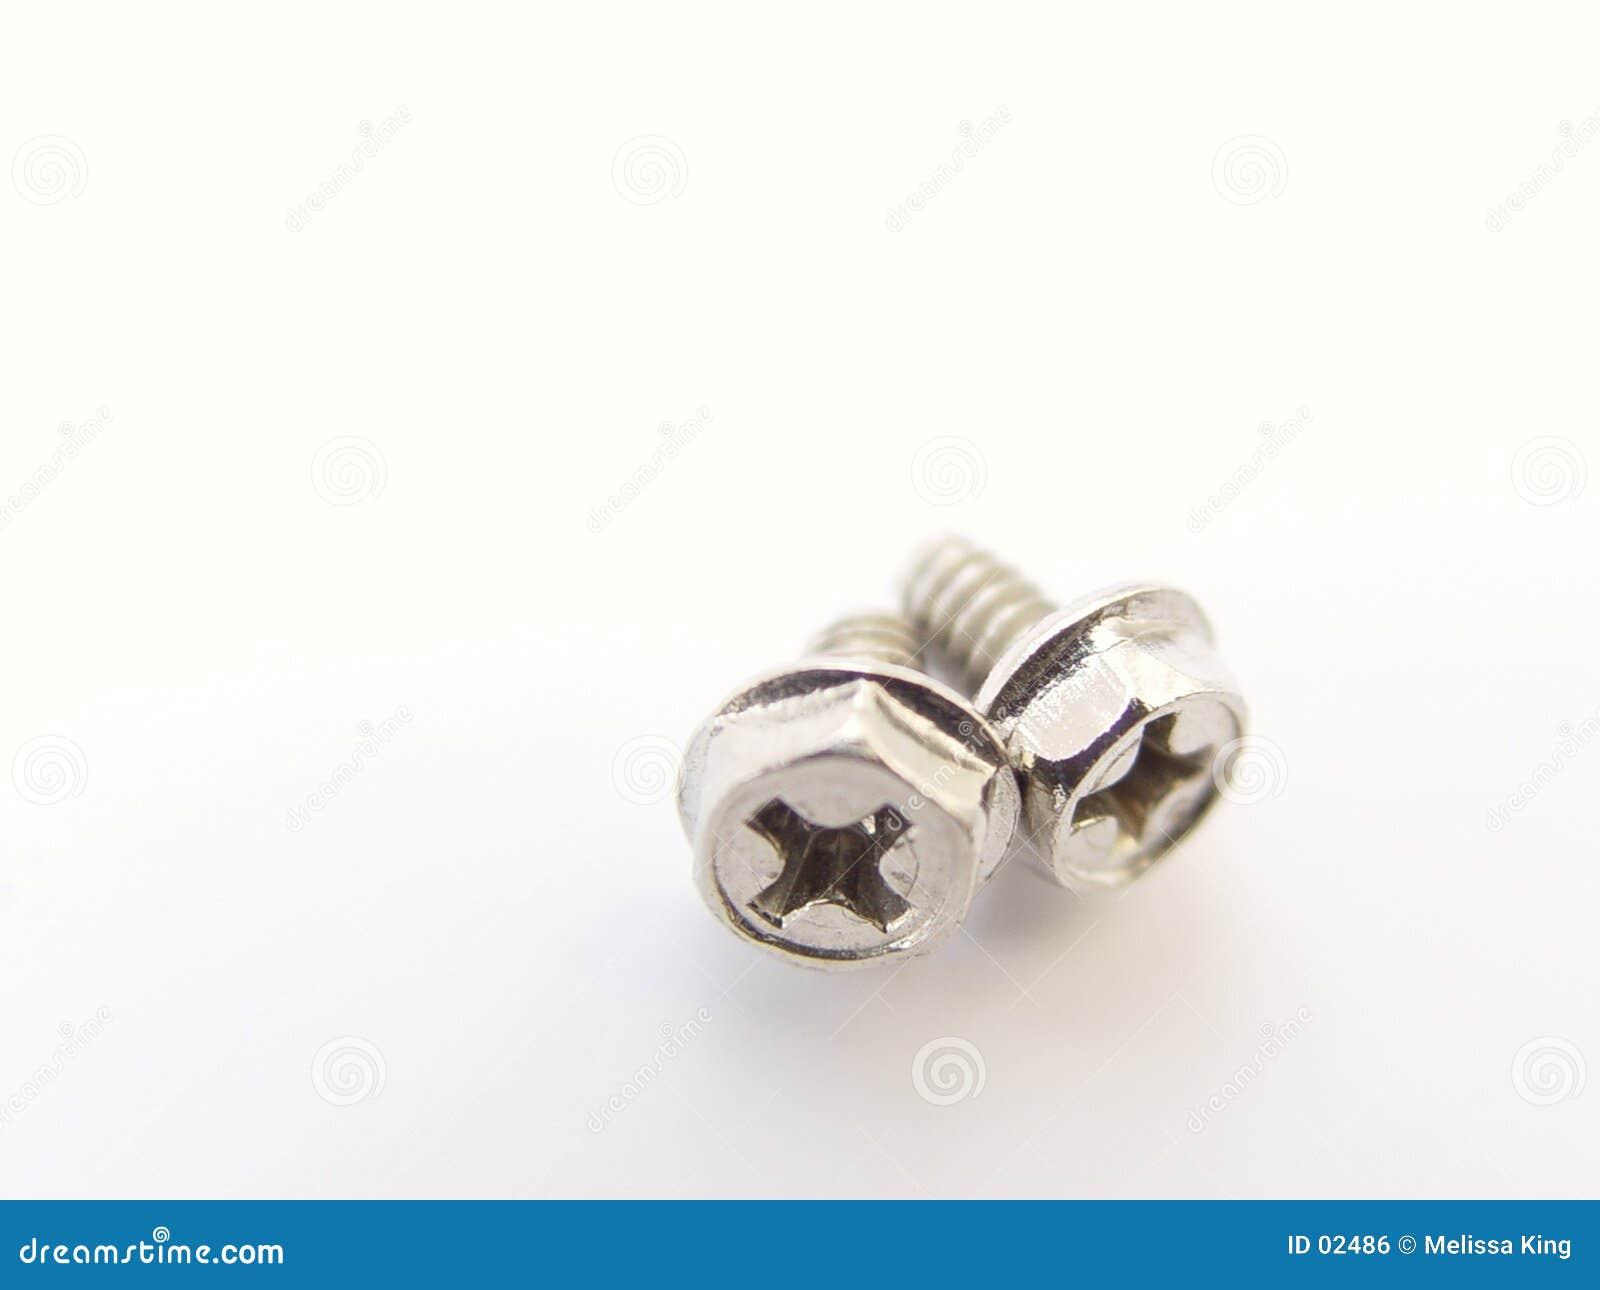 Zwei Kleincomputer-Schrauben